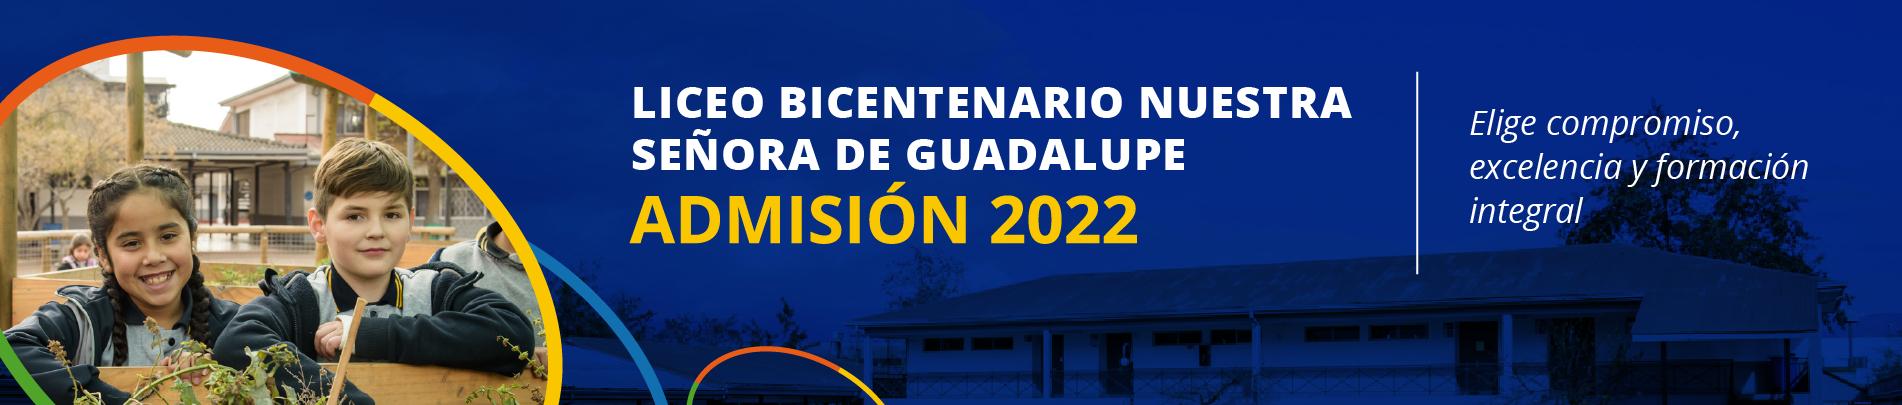 admisión 2022 liceo bicentenario nuestra señora de guadalupe